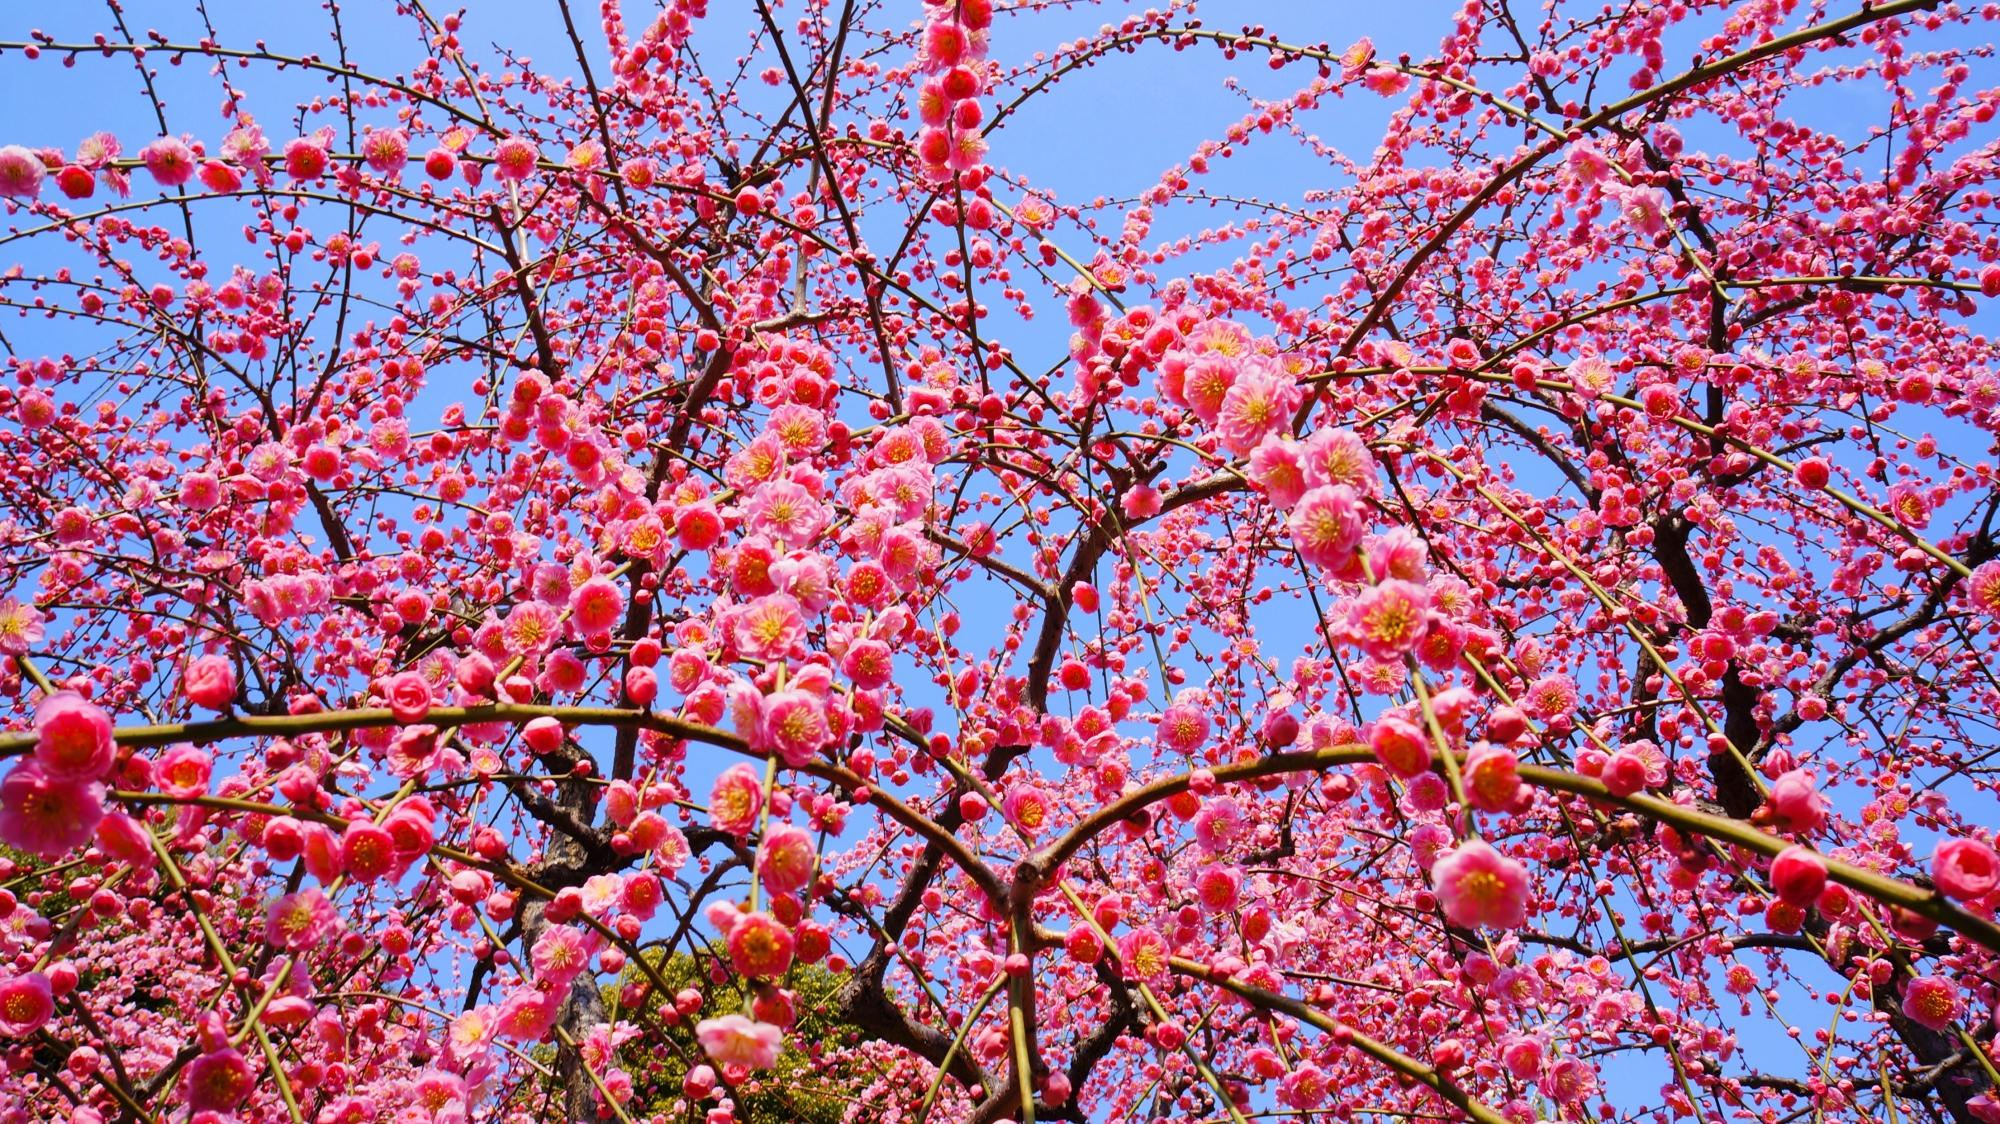 青空に煌びやかに輝くピンクの花